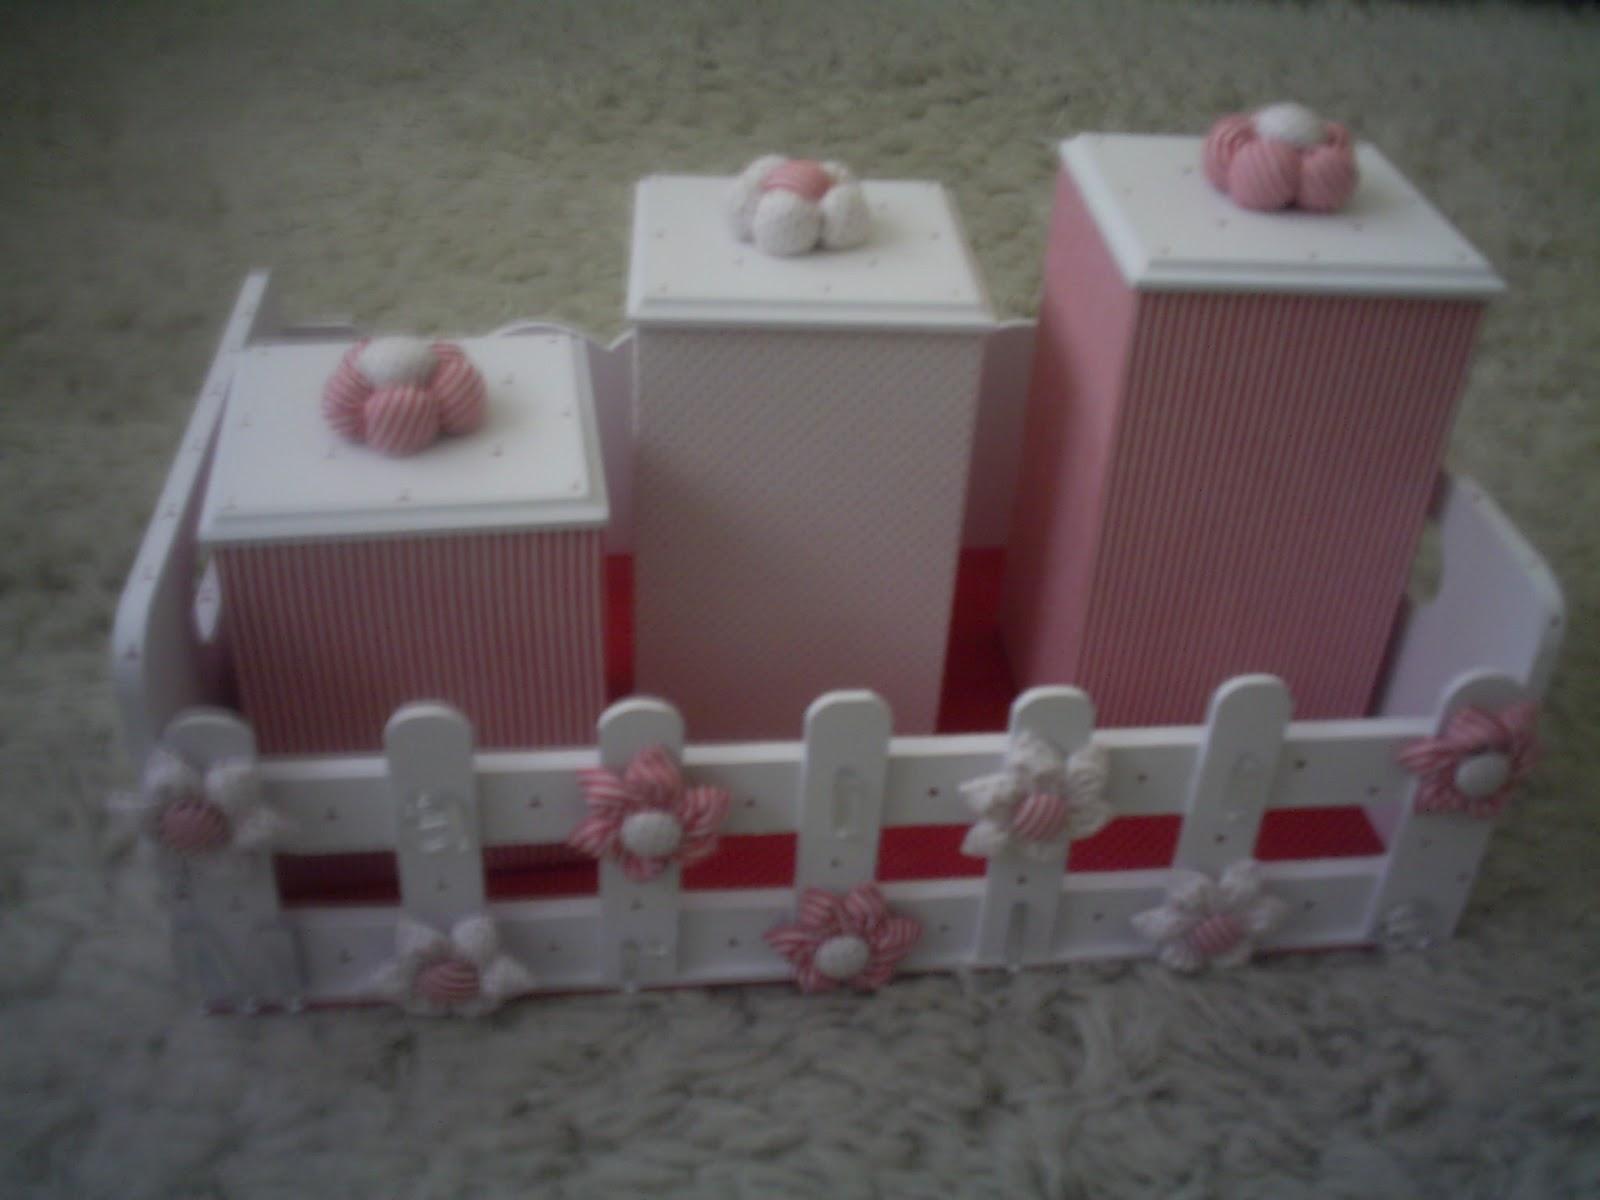 Cesta De Higiene Para Quarto De Bebe ~   quarto de beb? vermelho e branco  Cesta e potinhos de higiene  c?d